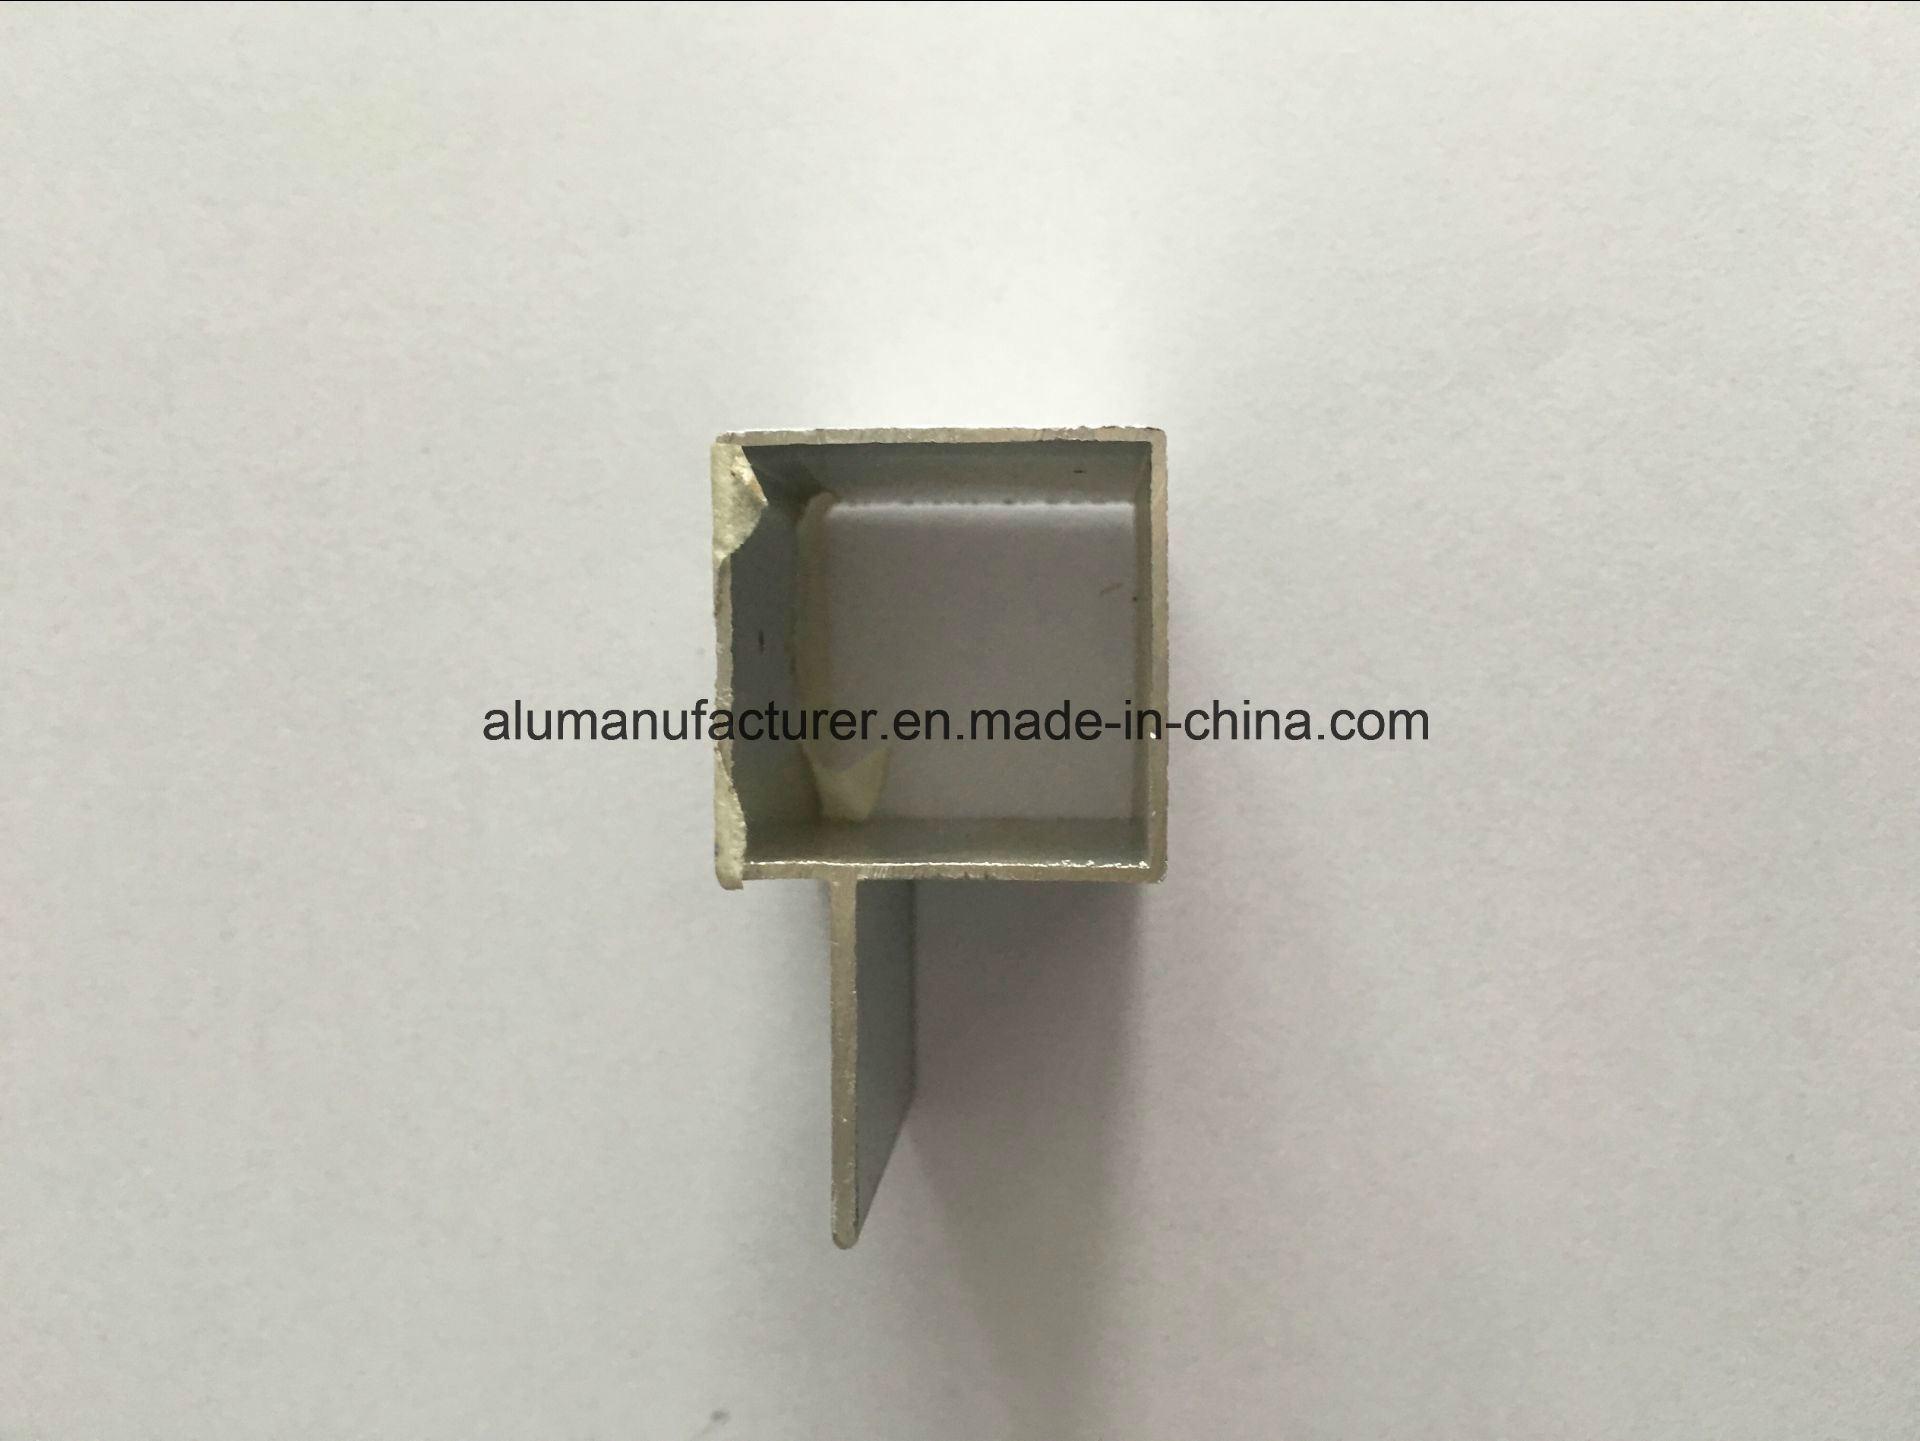 Liberia Aluminium Alloy Extrusion Profile for Door and Window